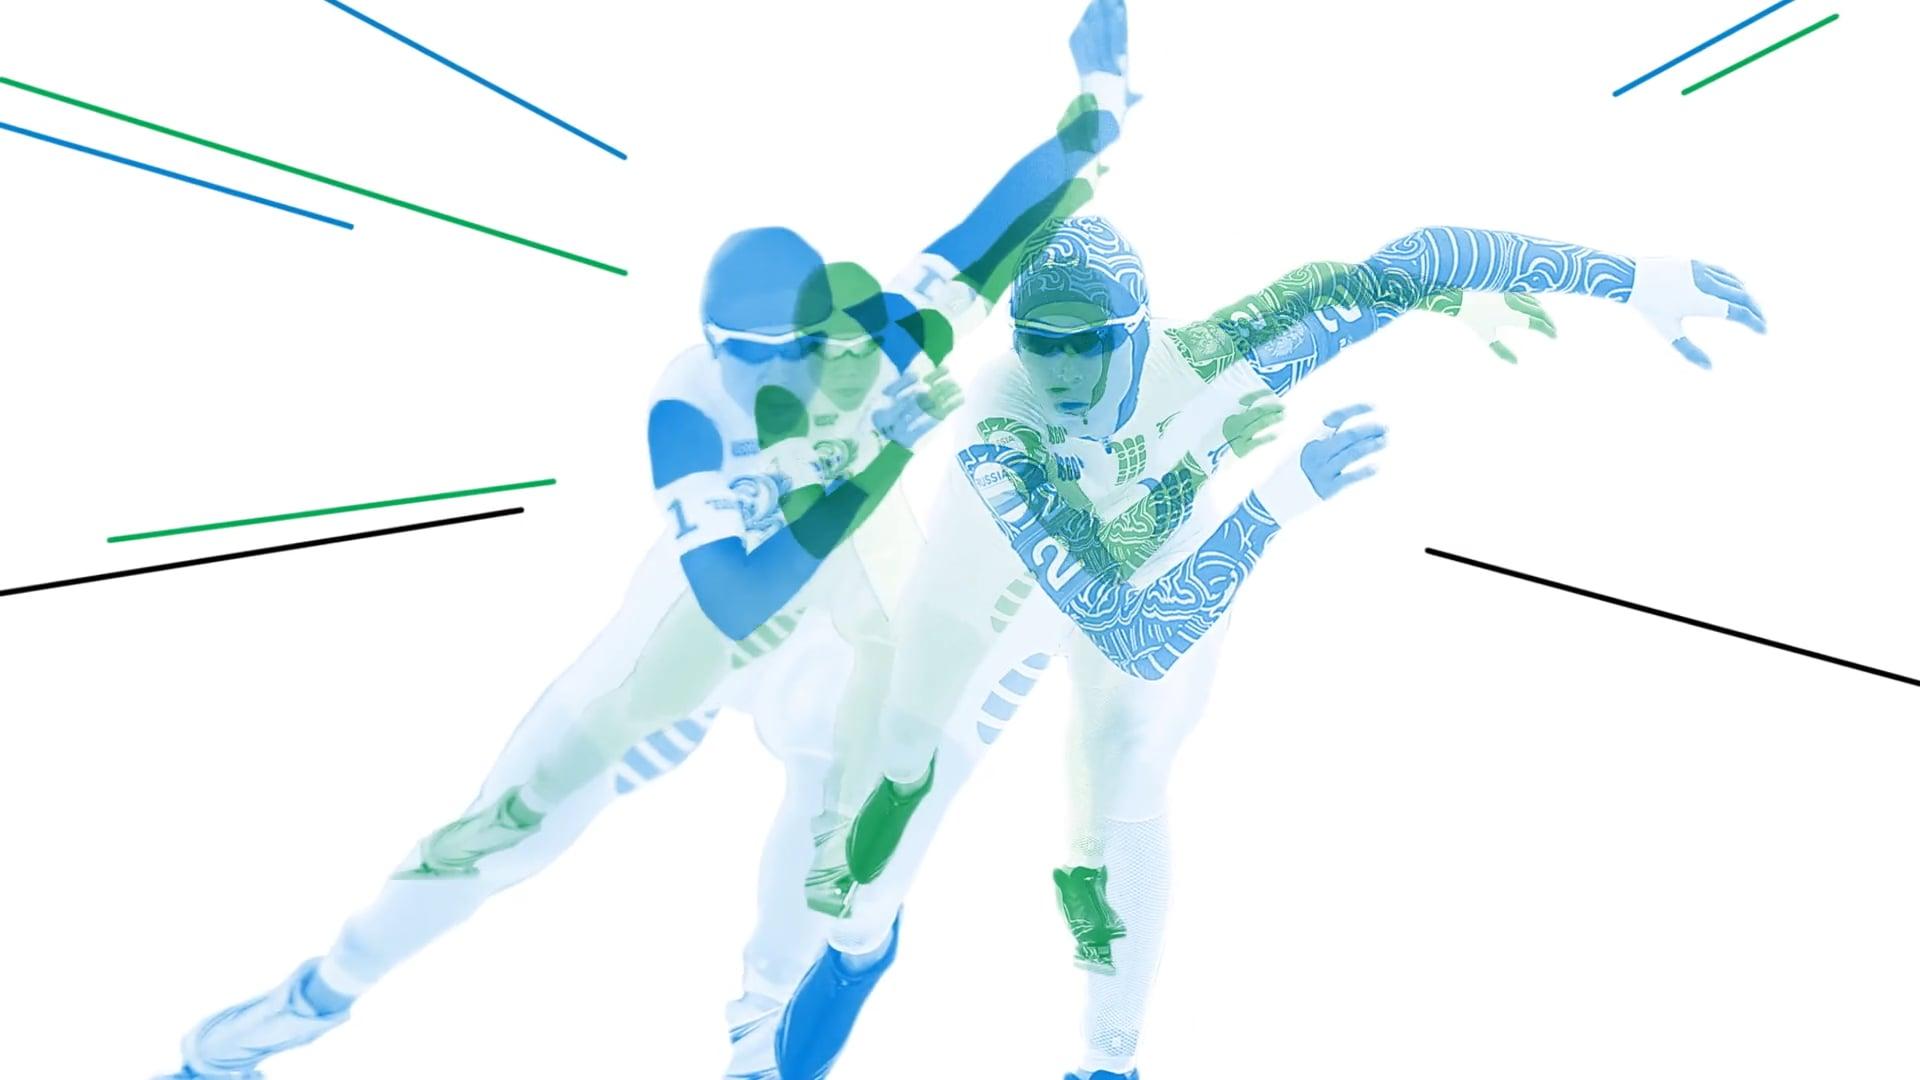 스피드 스케이팅 (Speed Skating)